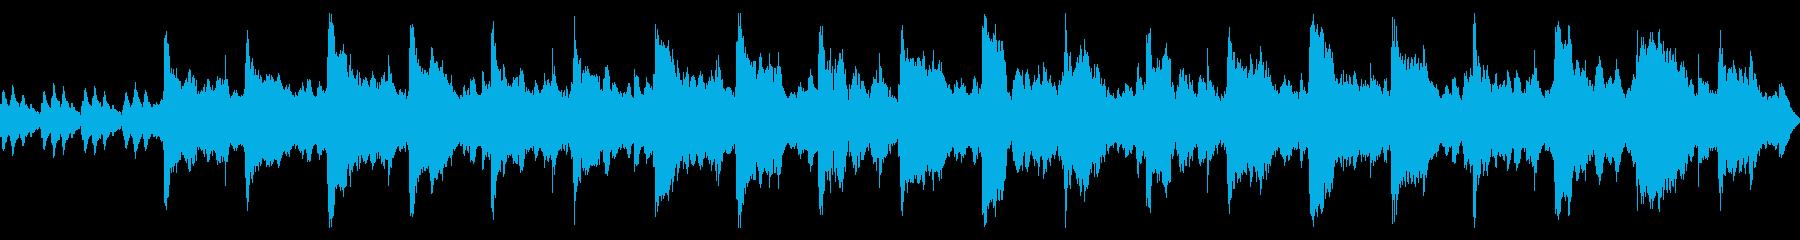 オーボエメインのやさしいBGMの再生済みの波形